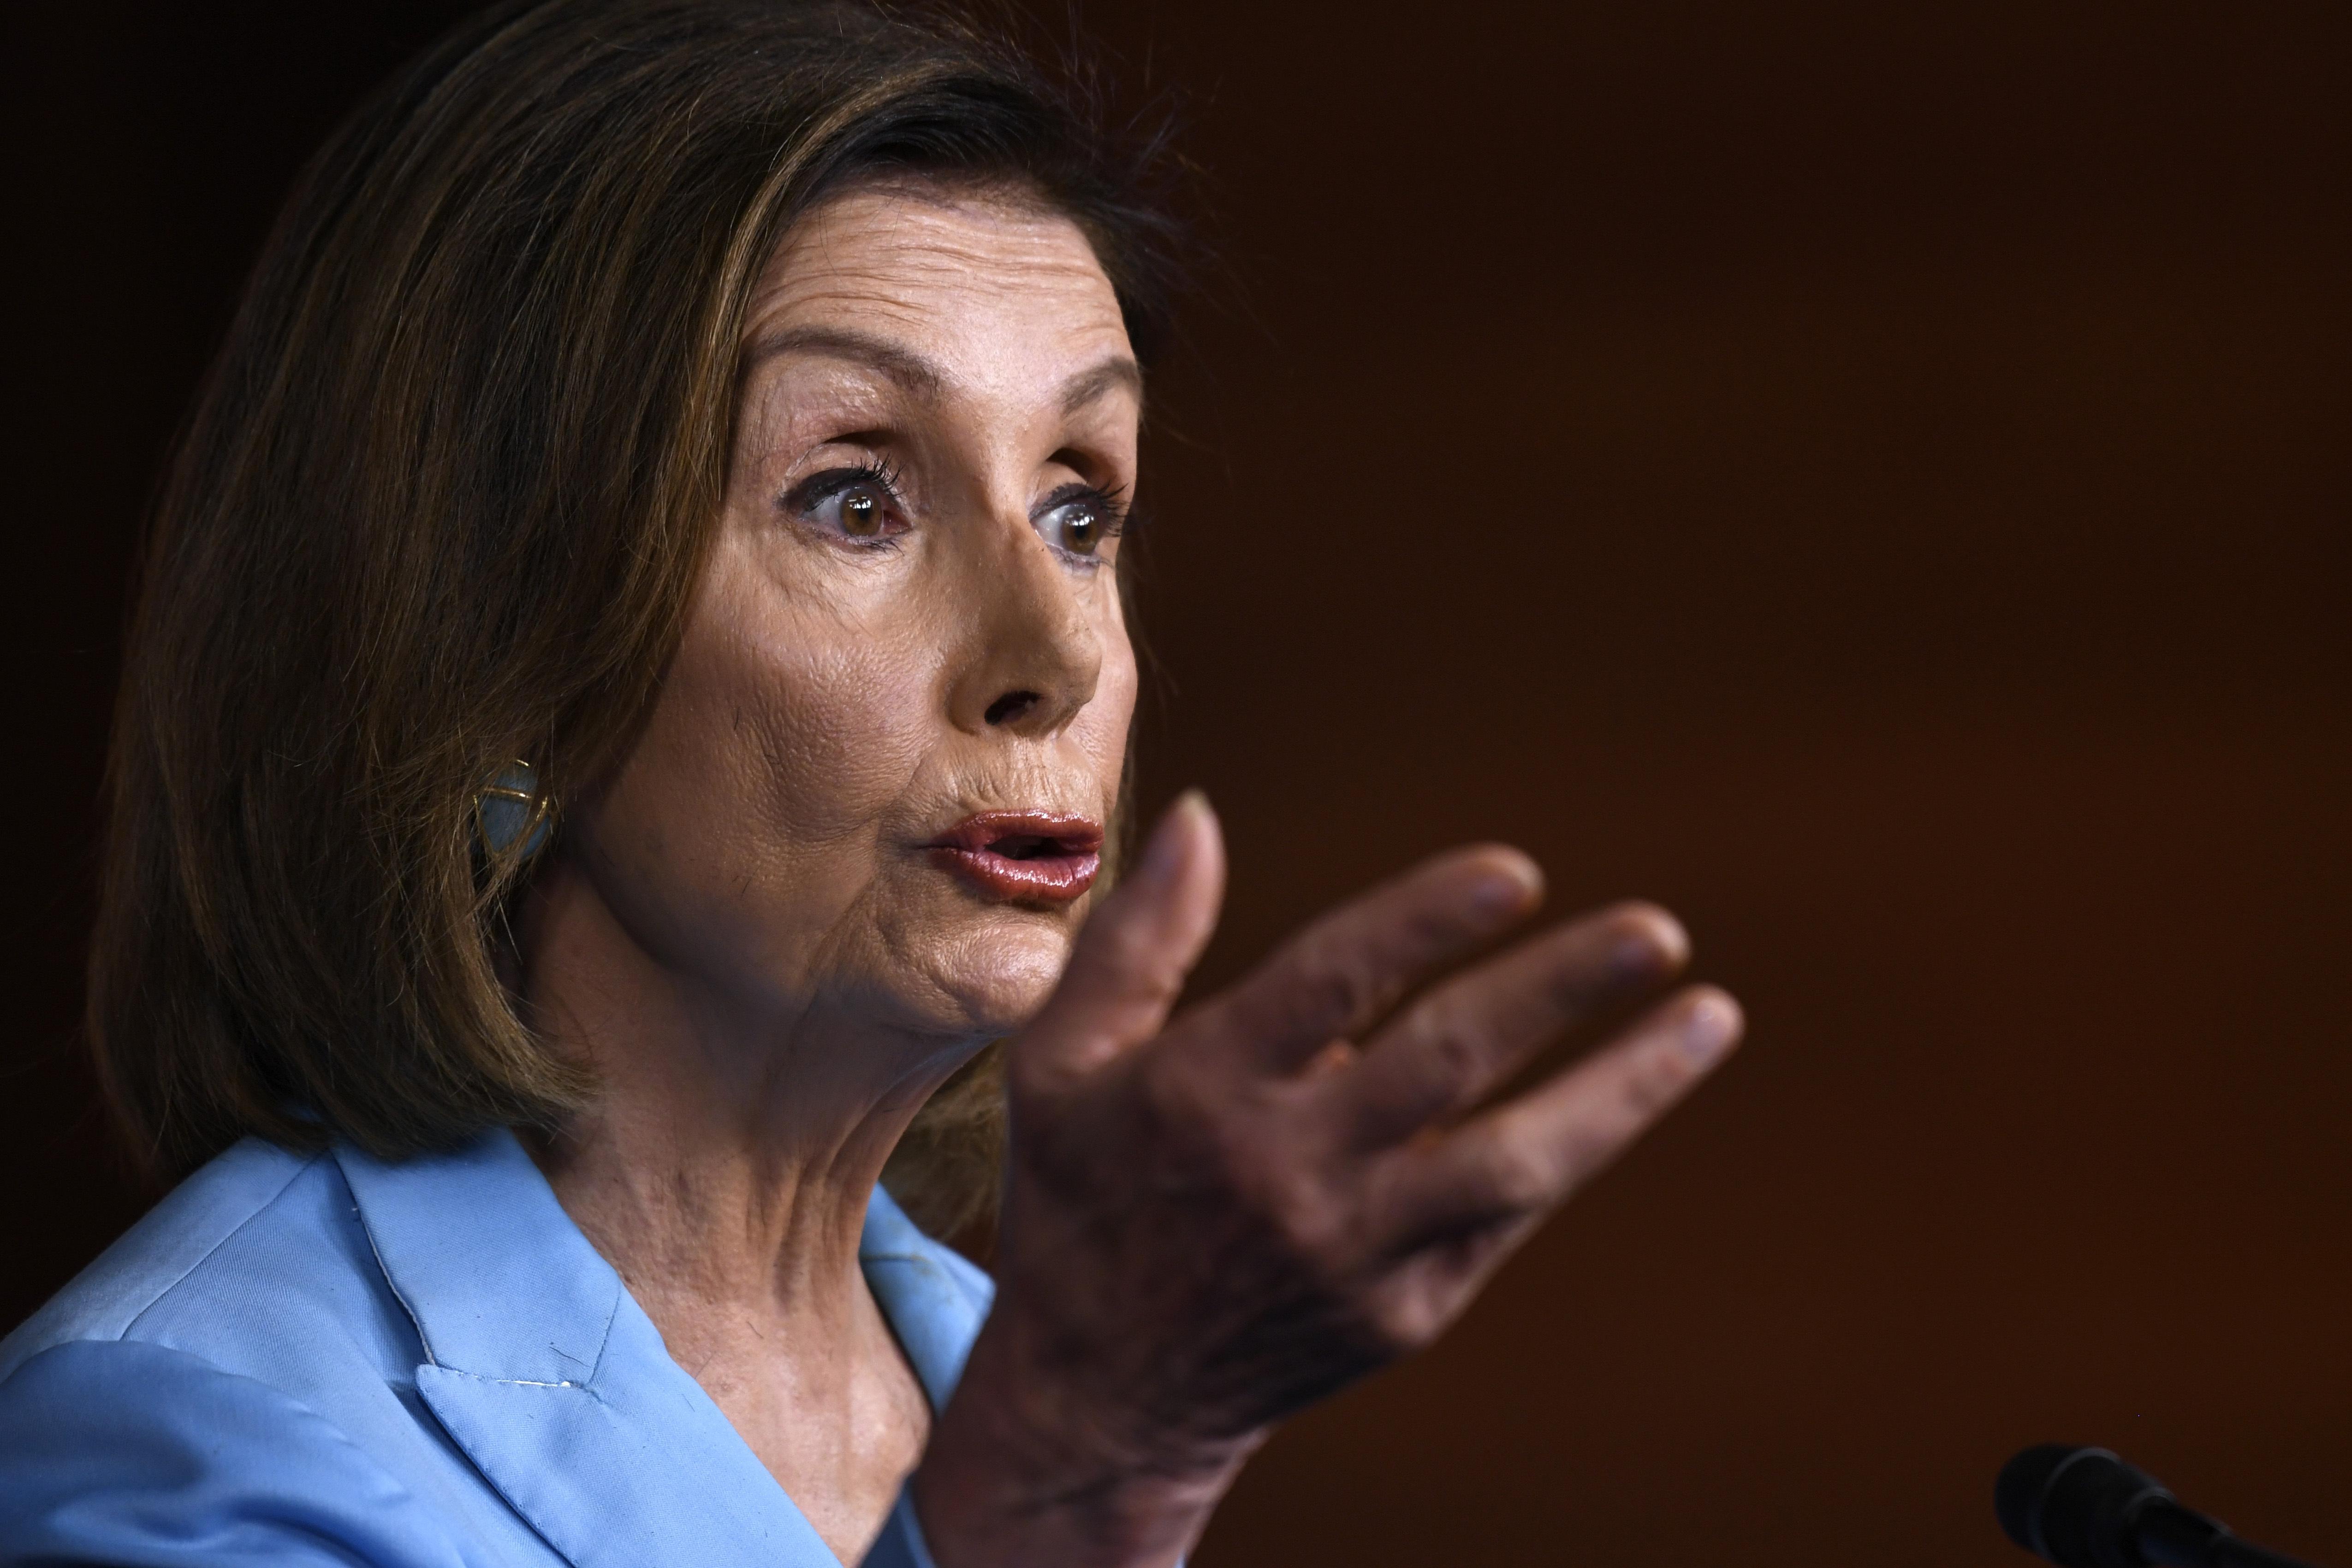 GOP tells court Pelosi's 'impeachment inquiry' is bogus